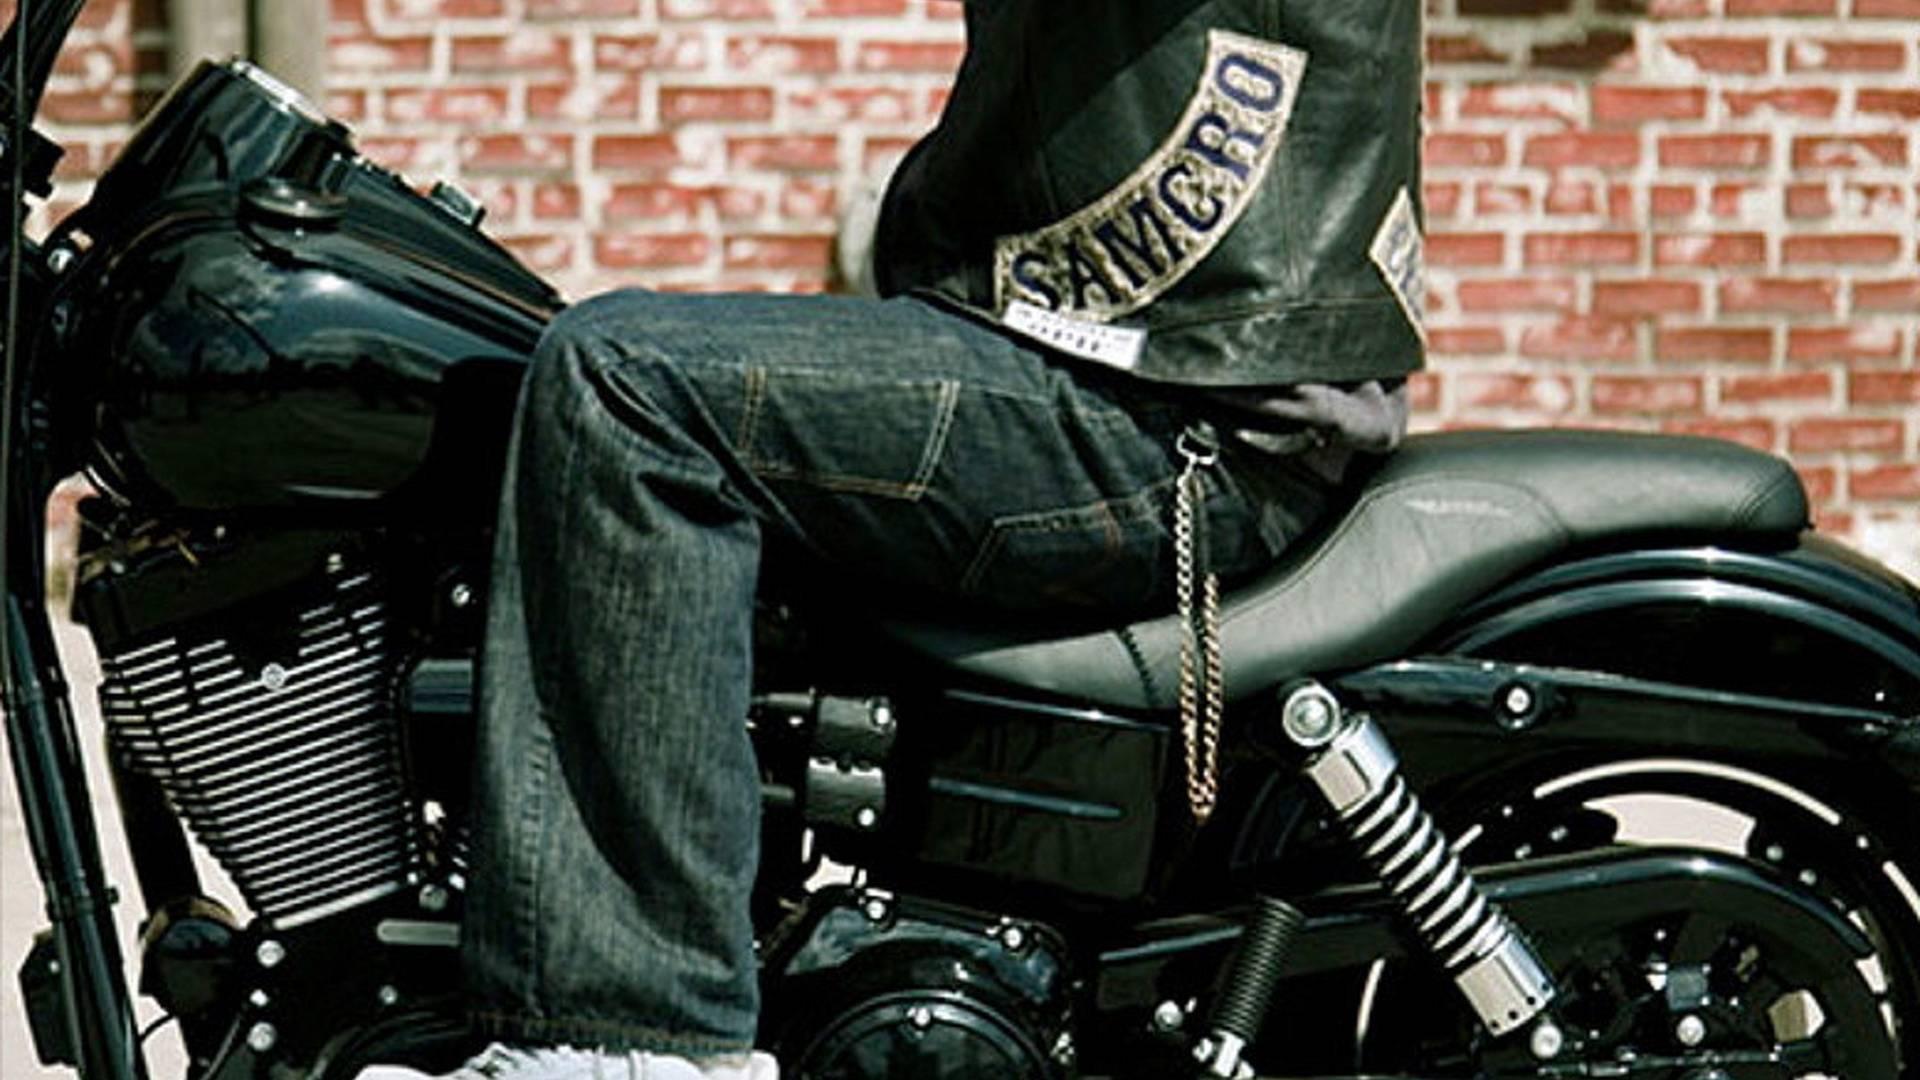 Buy How to biker wear vest picture trends